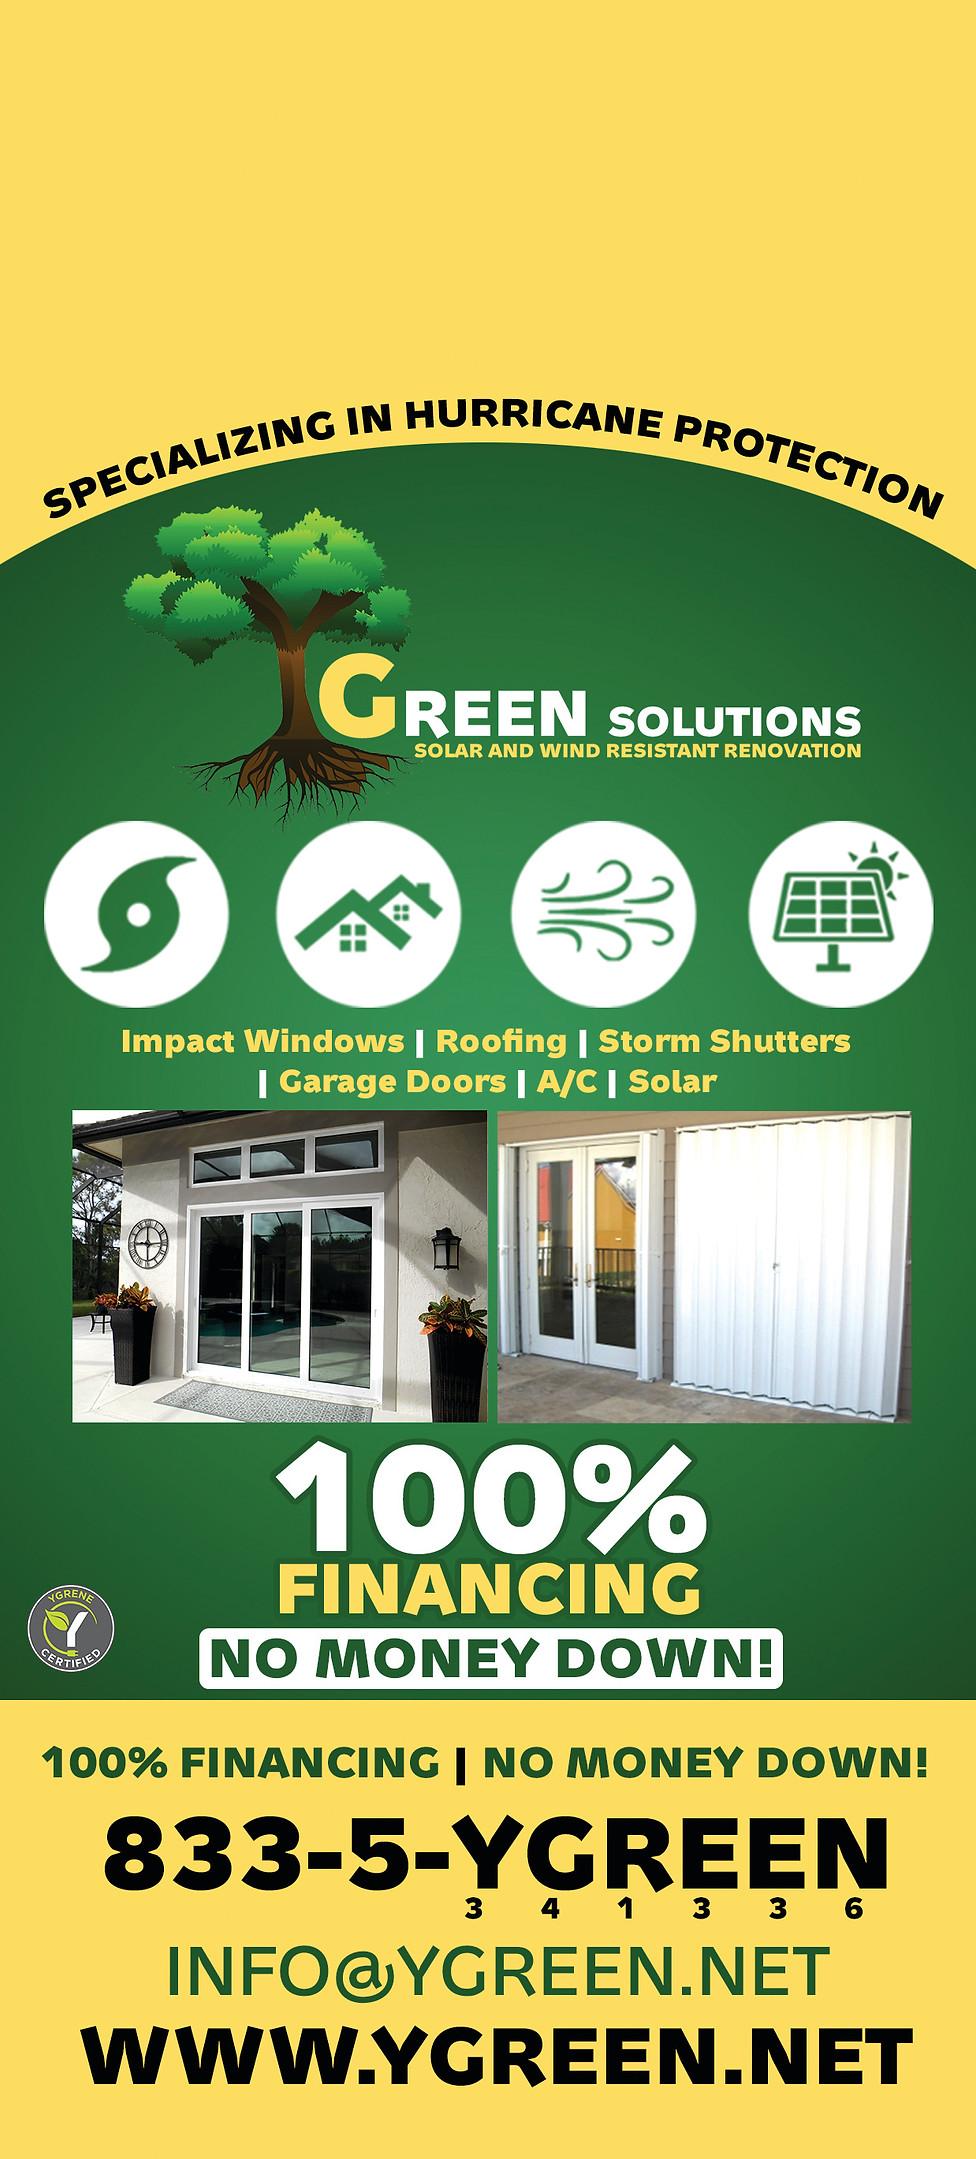 green solutions door hangers1.jpg